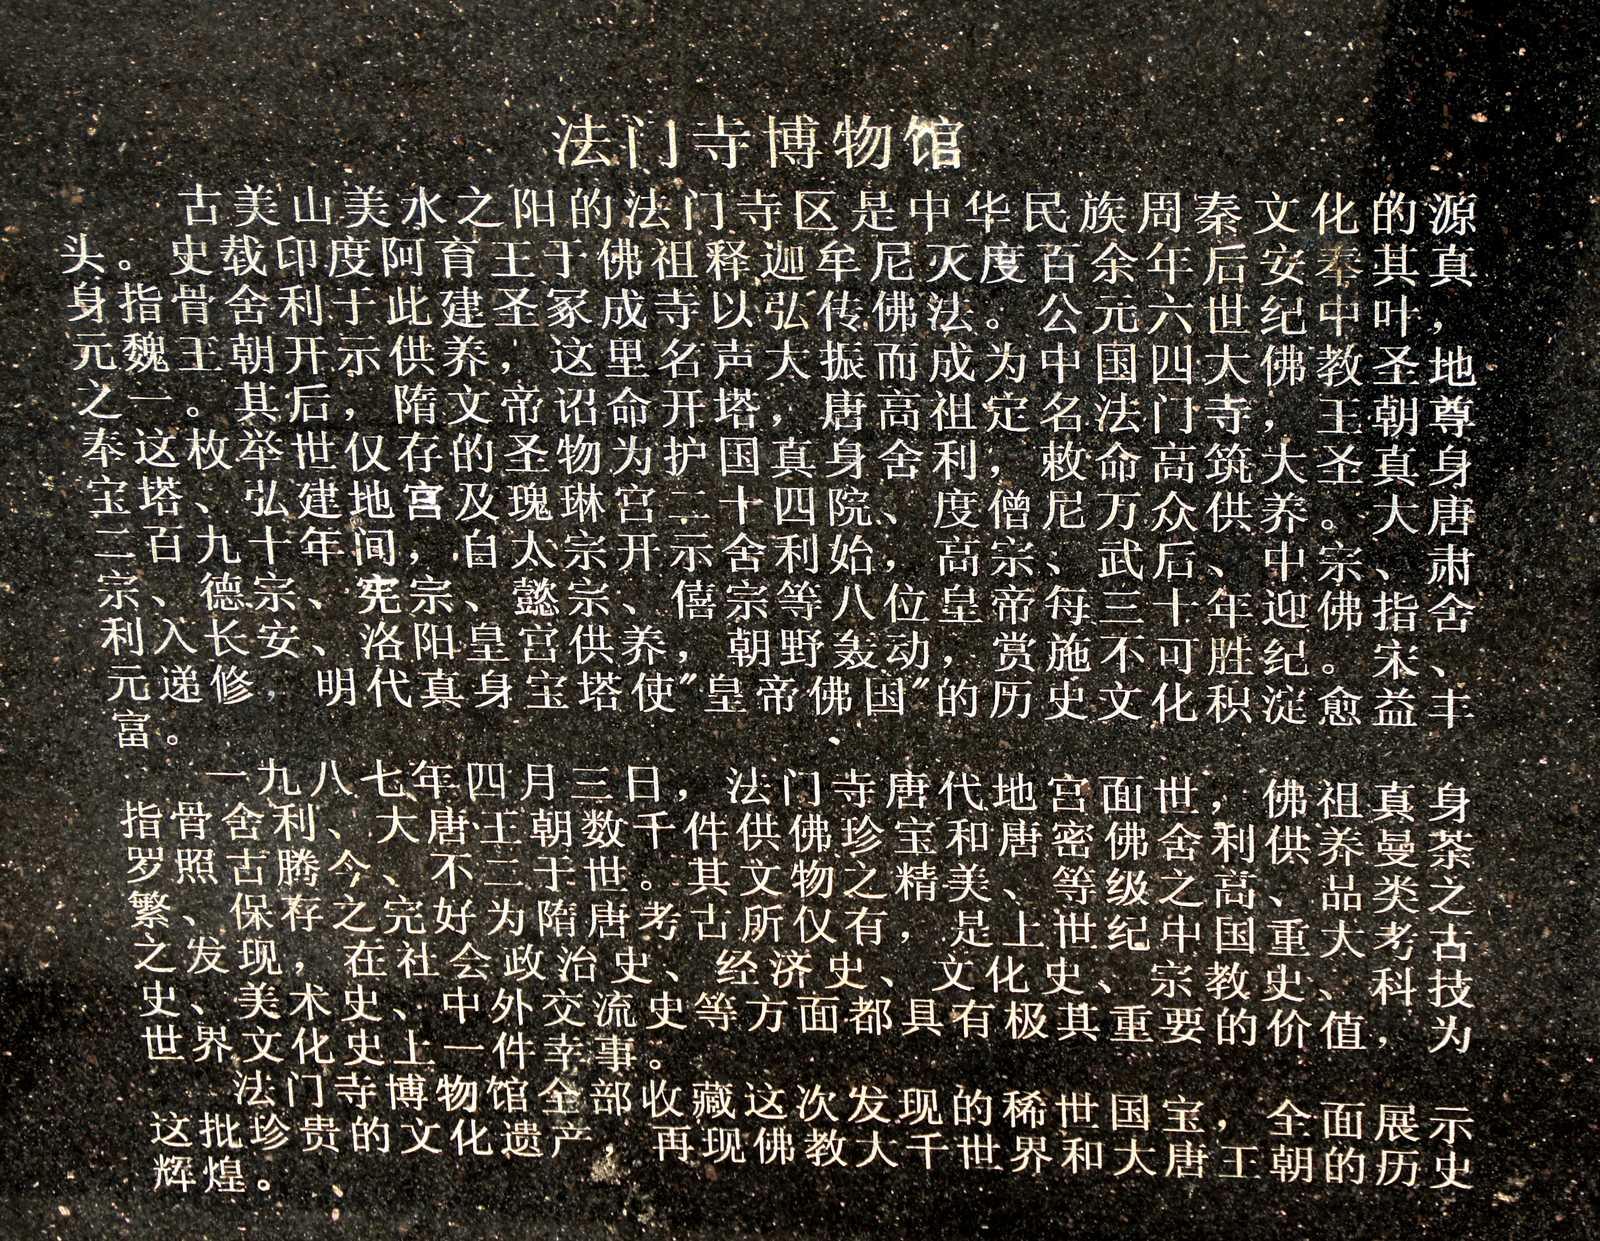 法门寺-简介--107-1600.jpg